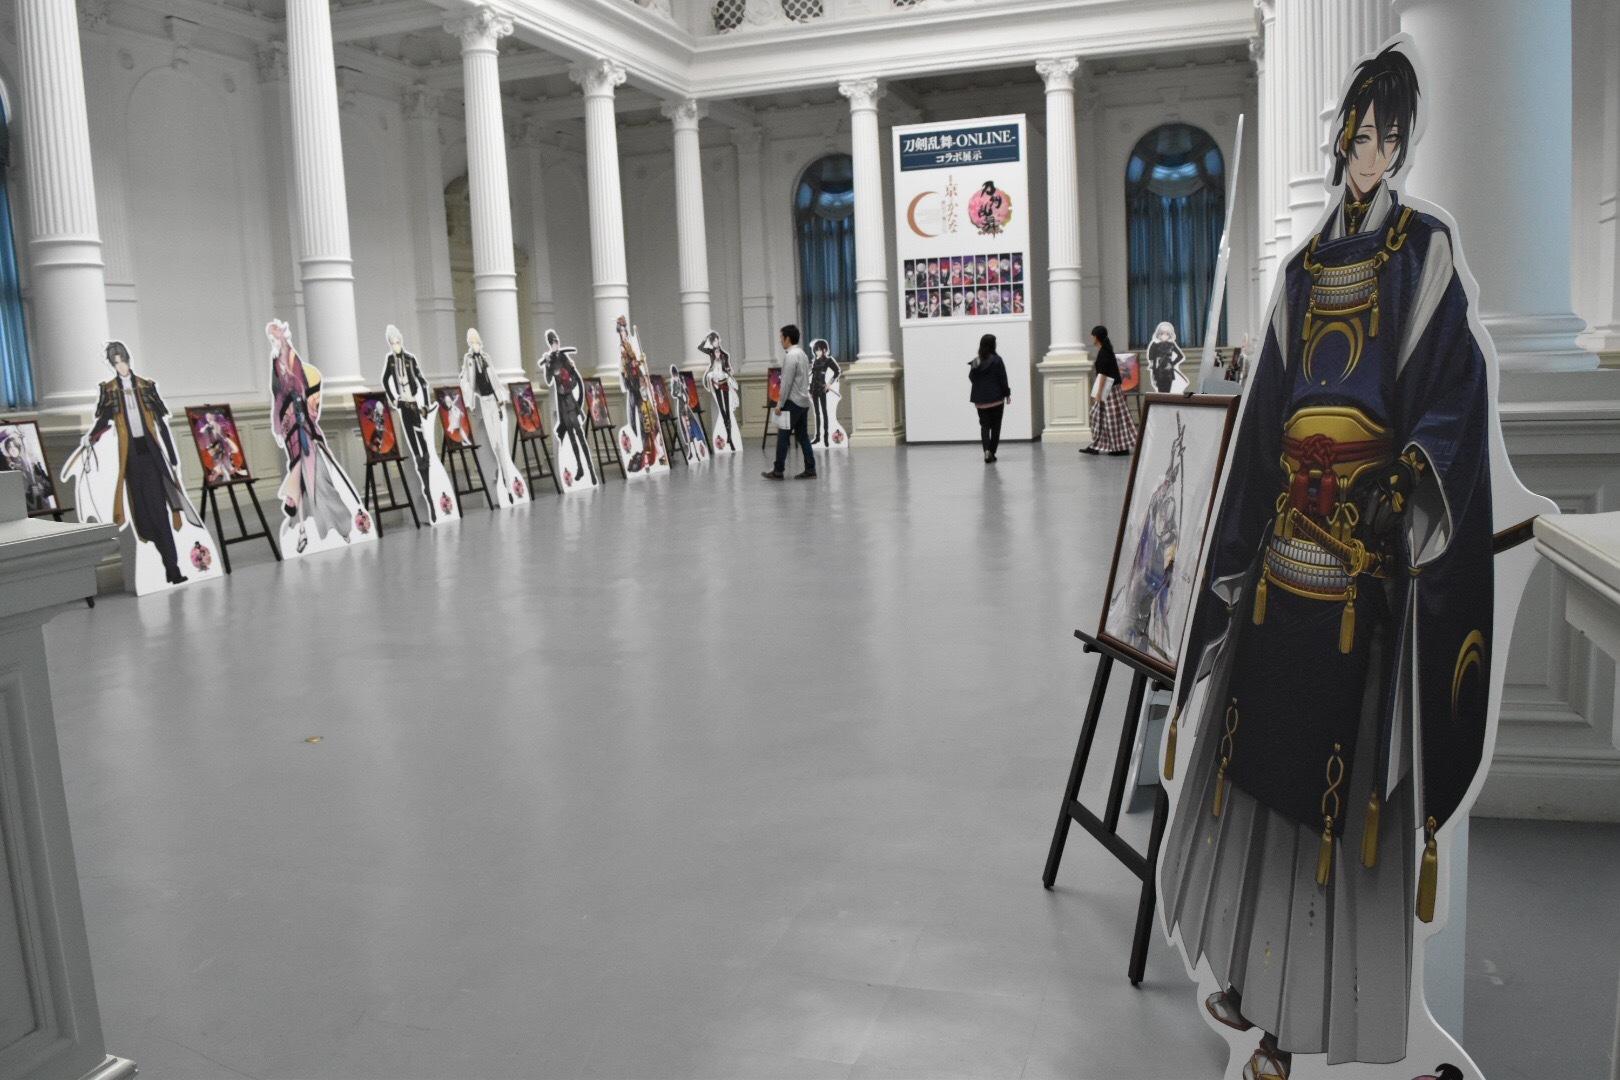 「刀剣乱舞-ONLINE-」コラボ刀剣男士の等身大パネル 展示風景